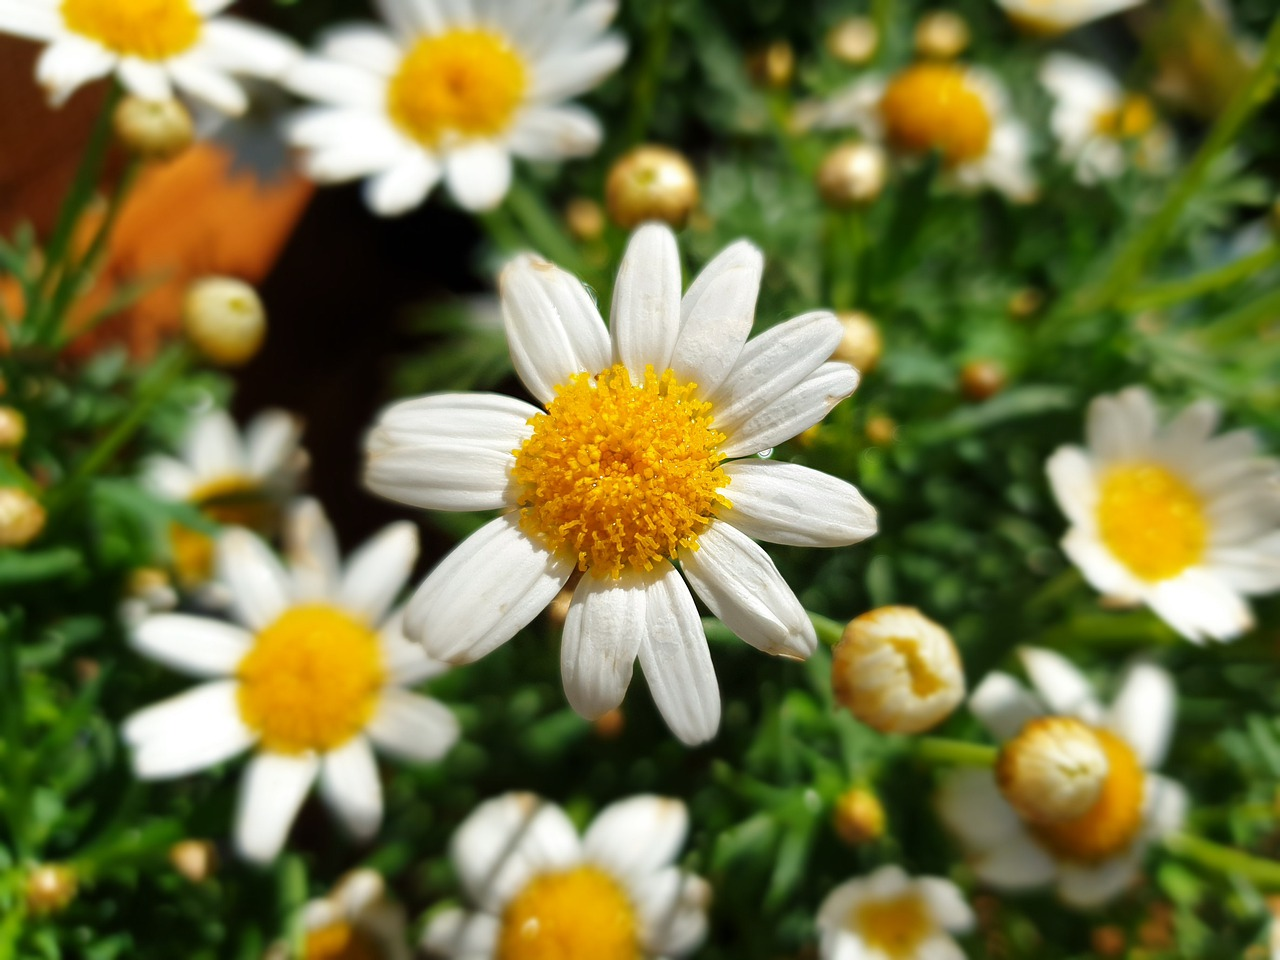 daisy-4460972_1280